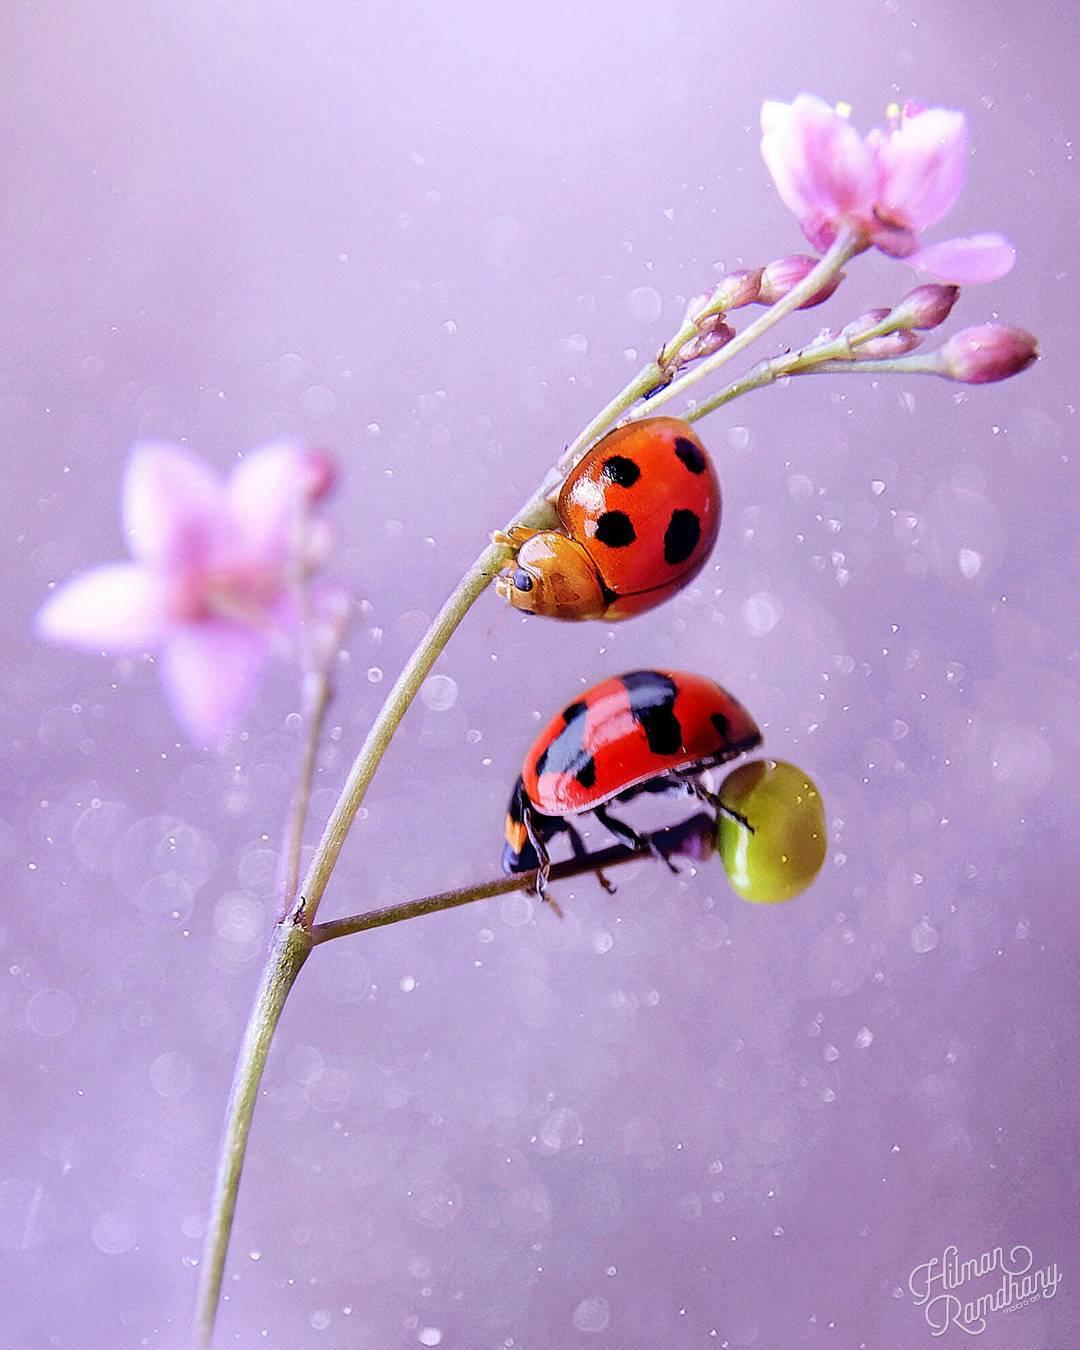 Красивые макрофотографии Хильман Рамдханы